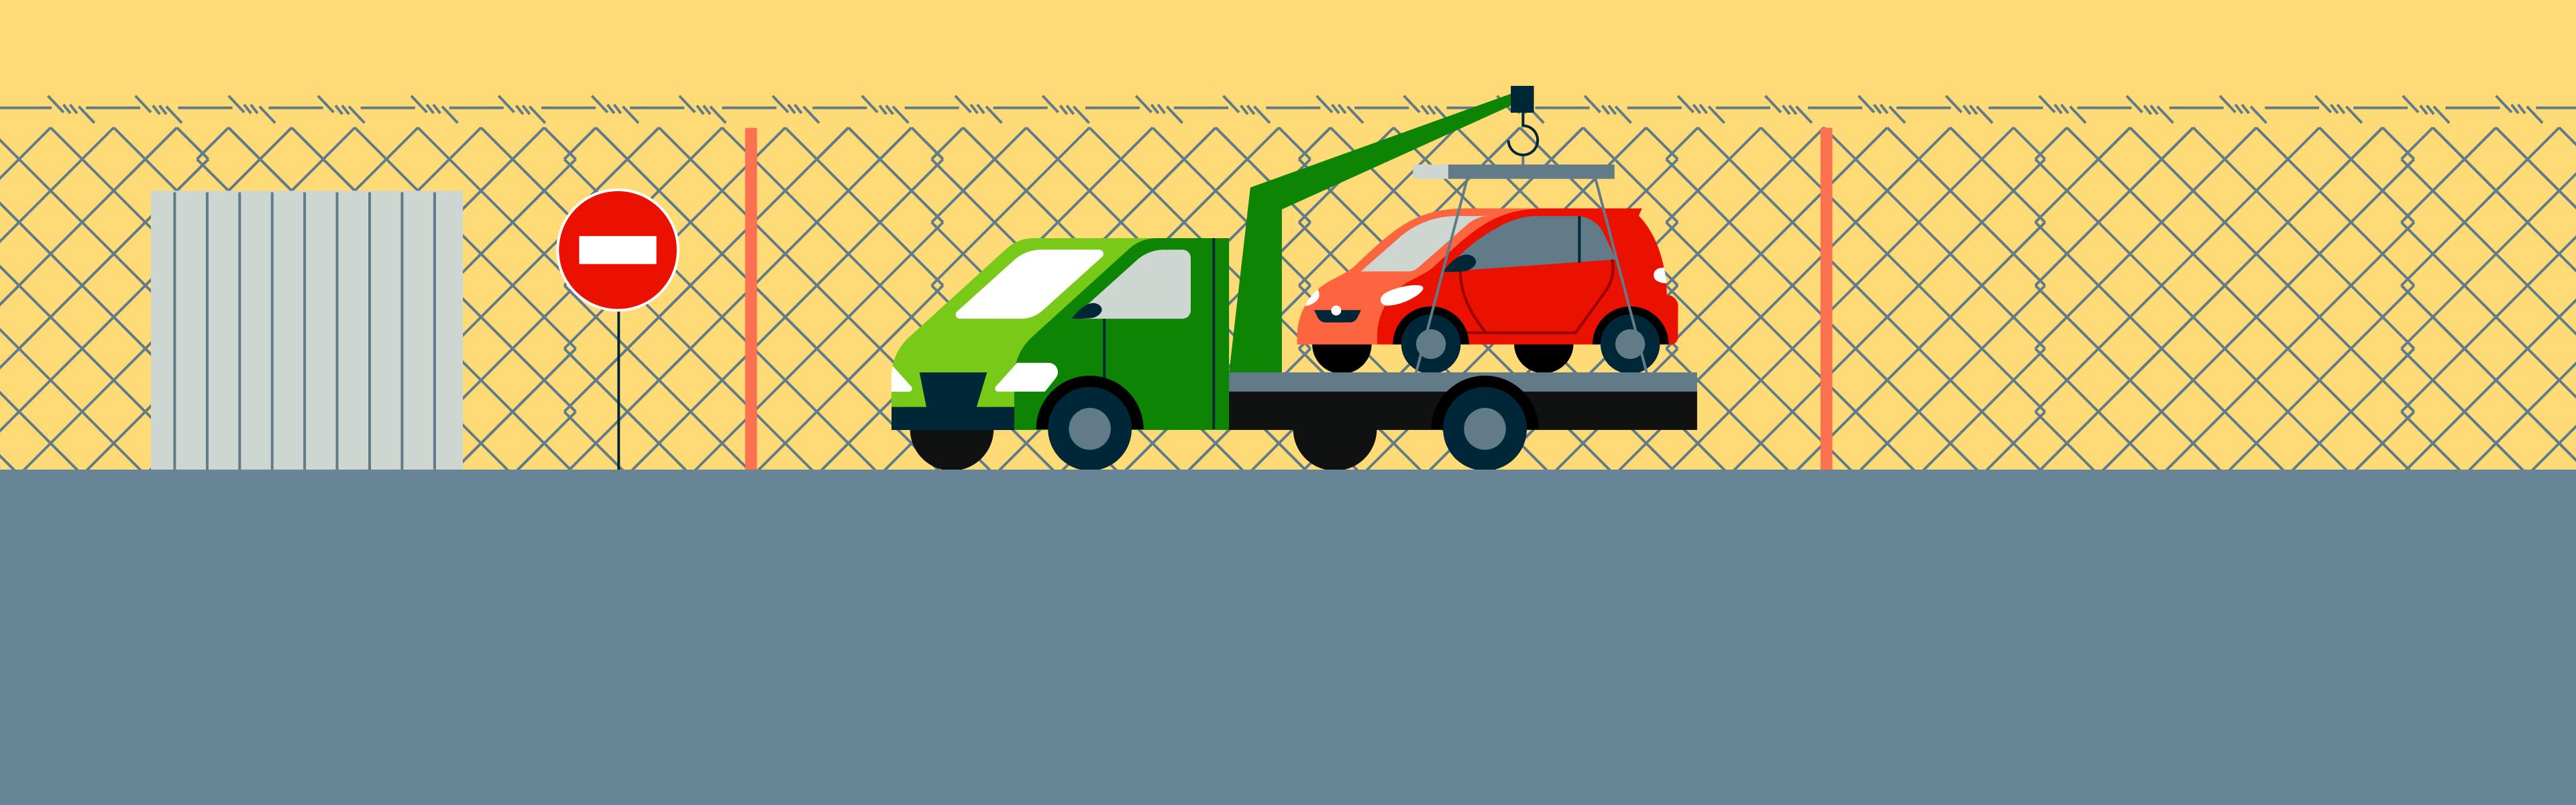 Заявление в фссп о лишении водительских прав образец